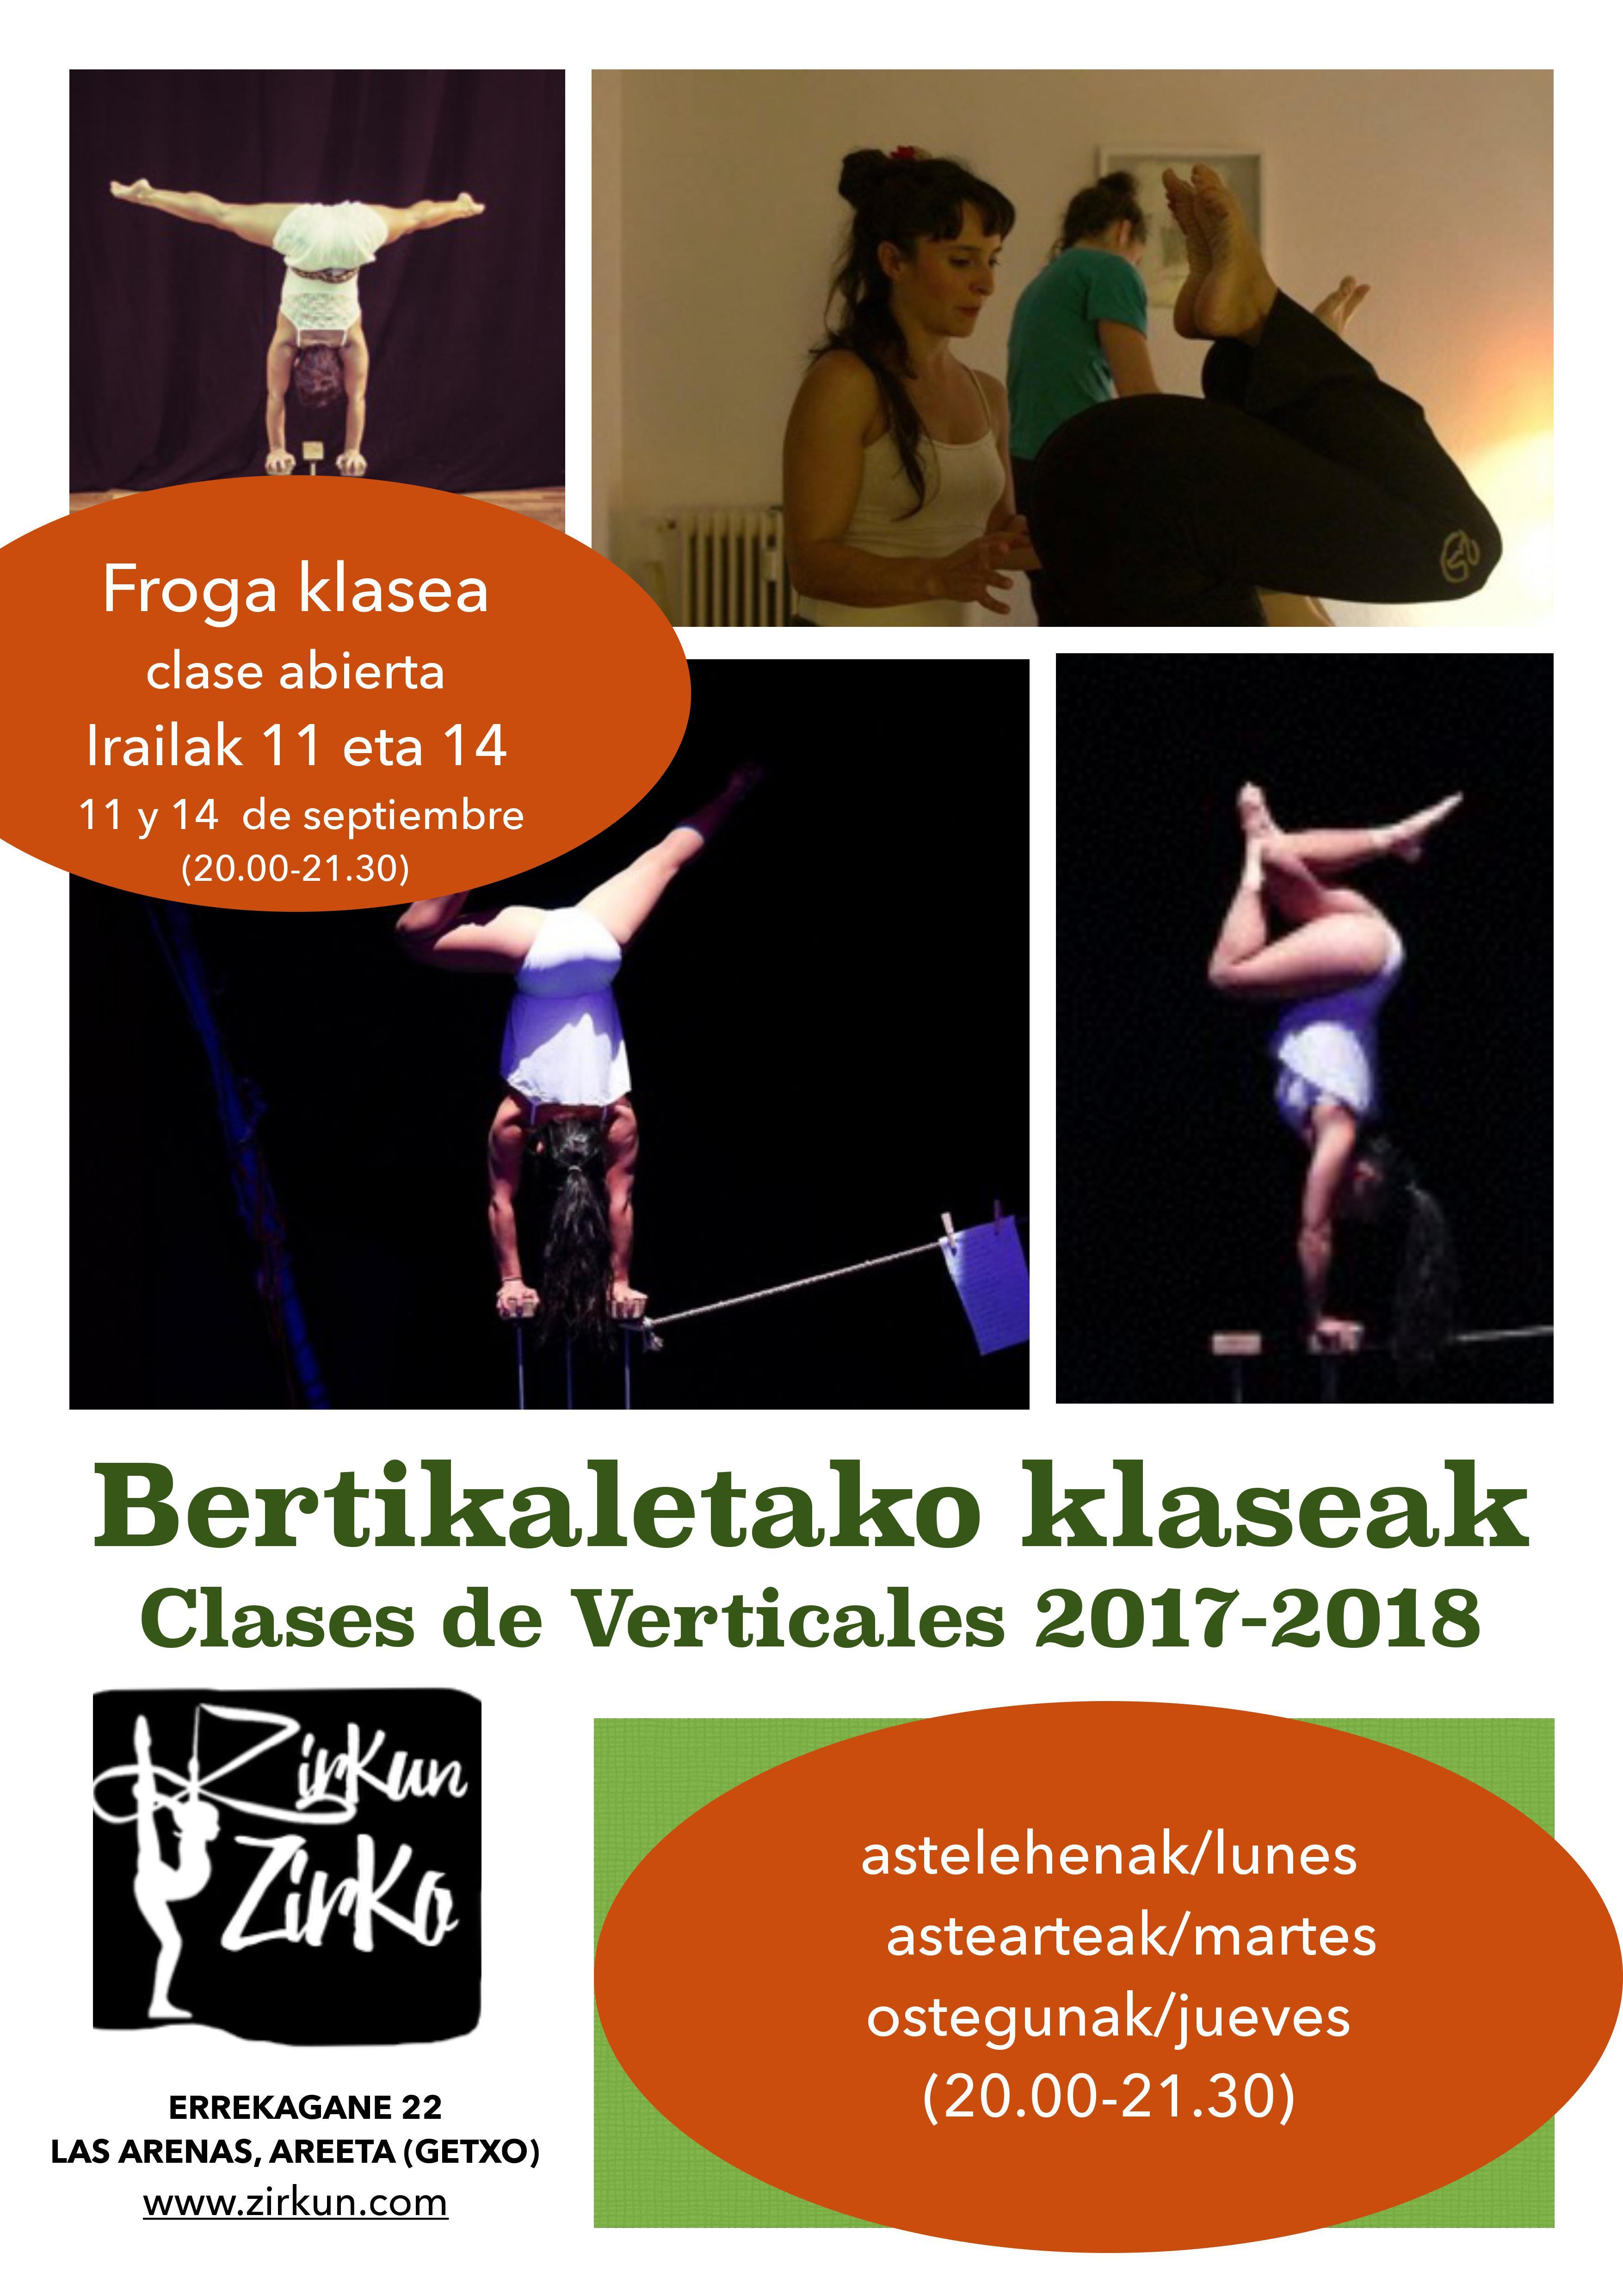 11 y 14 de septiembre clases abiertas de verticales en Escuela Zirkun Zirko de Las Arenas.¡¡Animate a probar!!